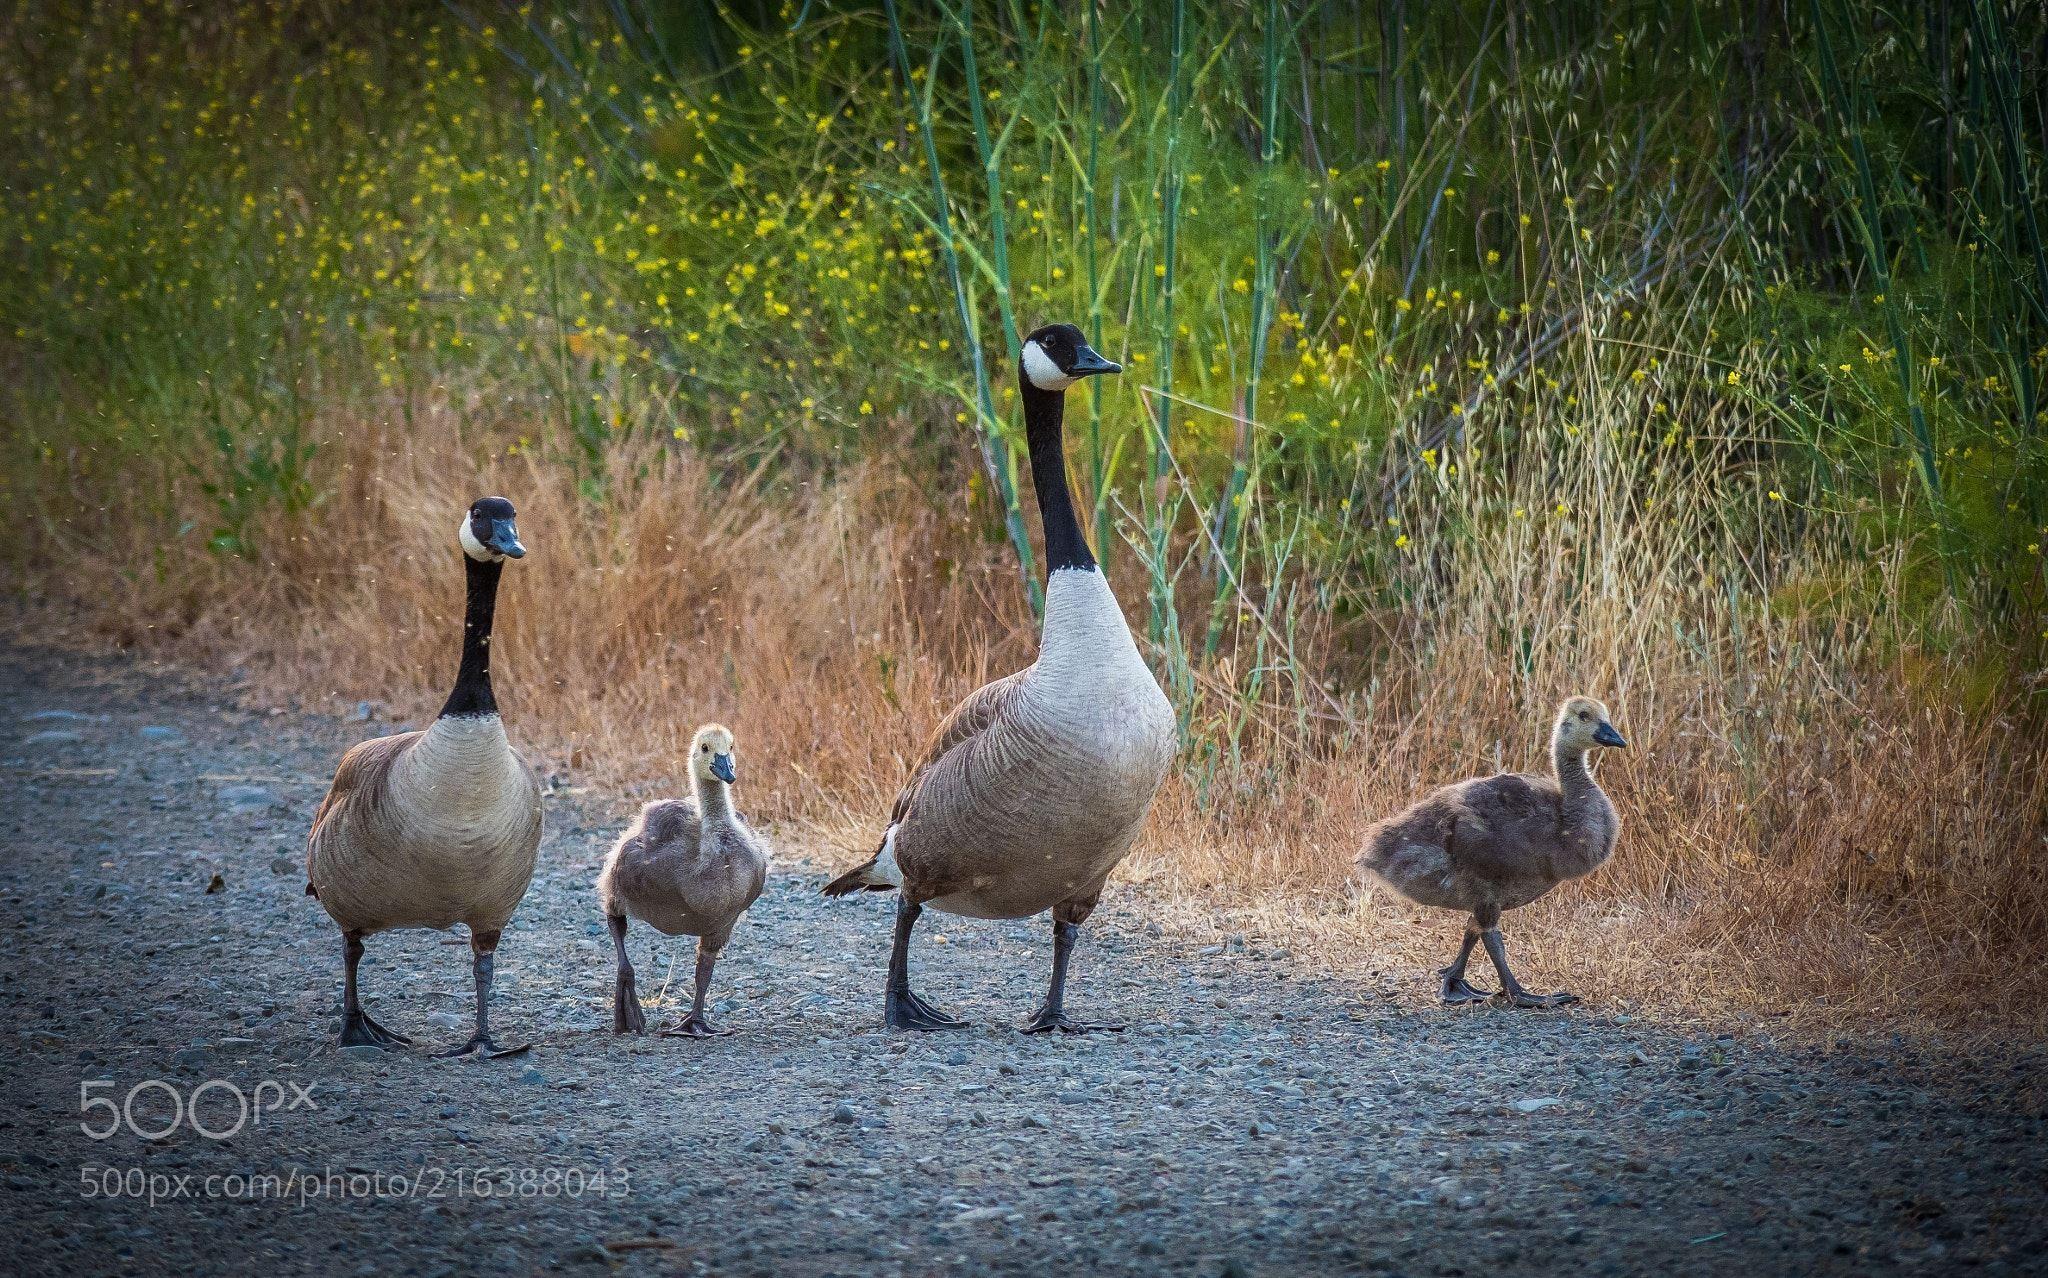 №410 (Konstantin Mart / San Jose / United States) #Canon EOS 5D Mark III #animals #photo #nature